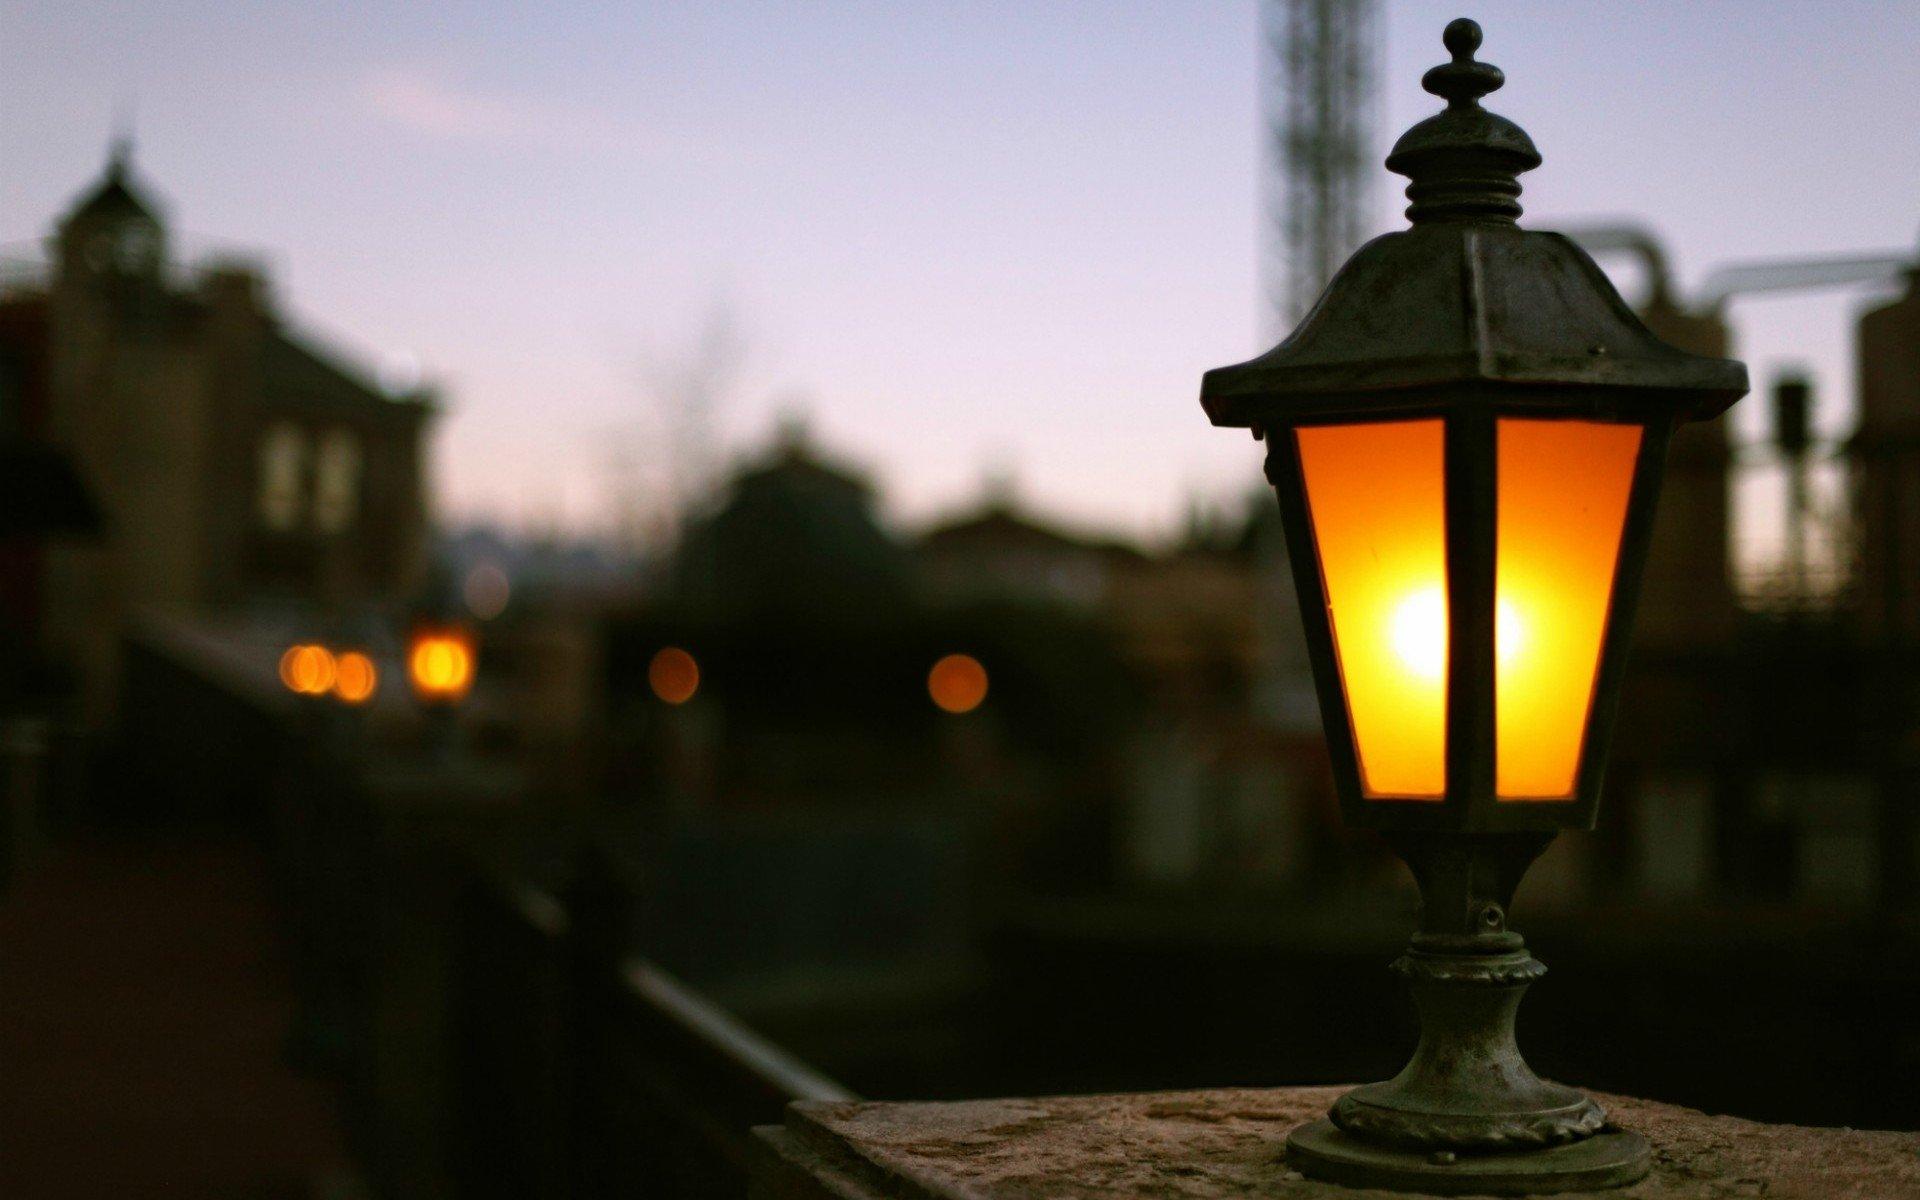 зелёном картинка с фонарем и лампочками обстановка, высокая